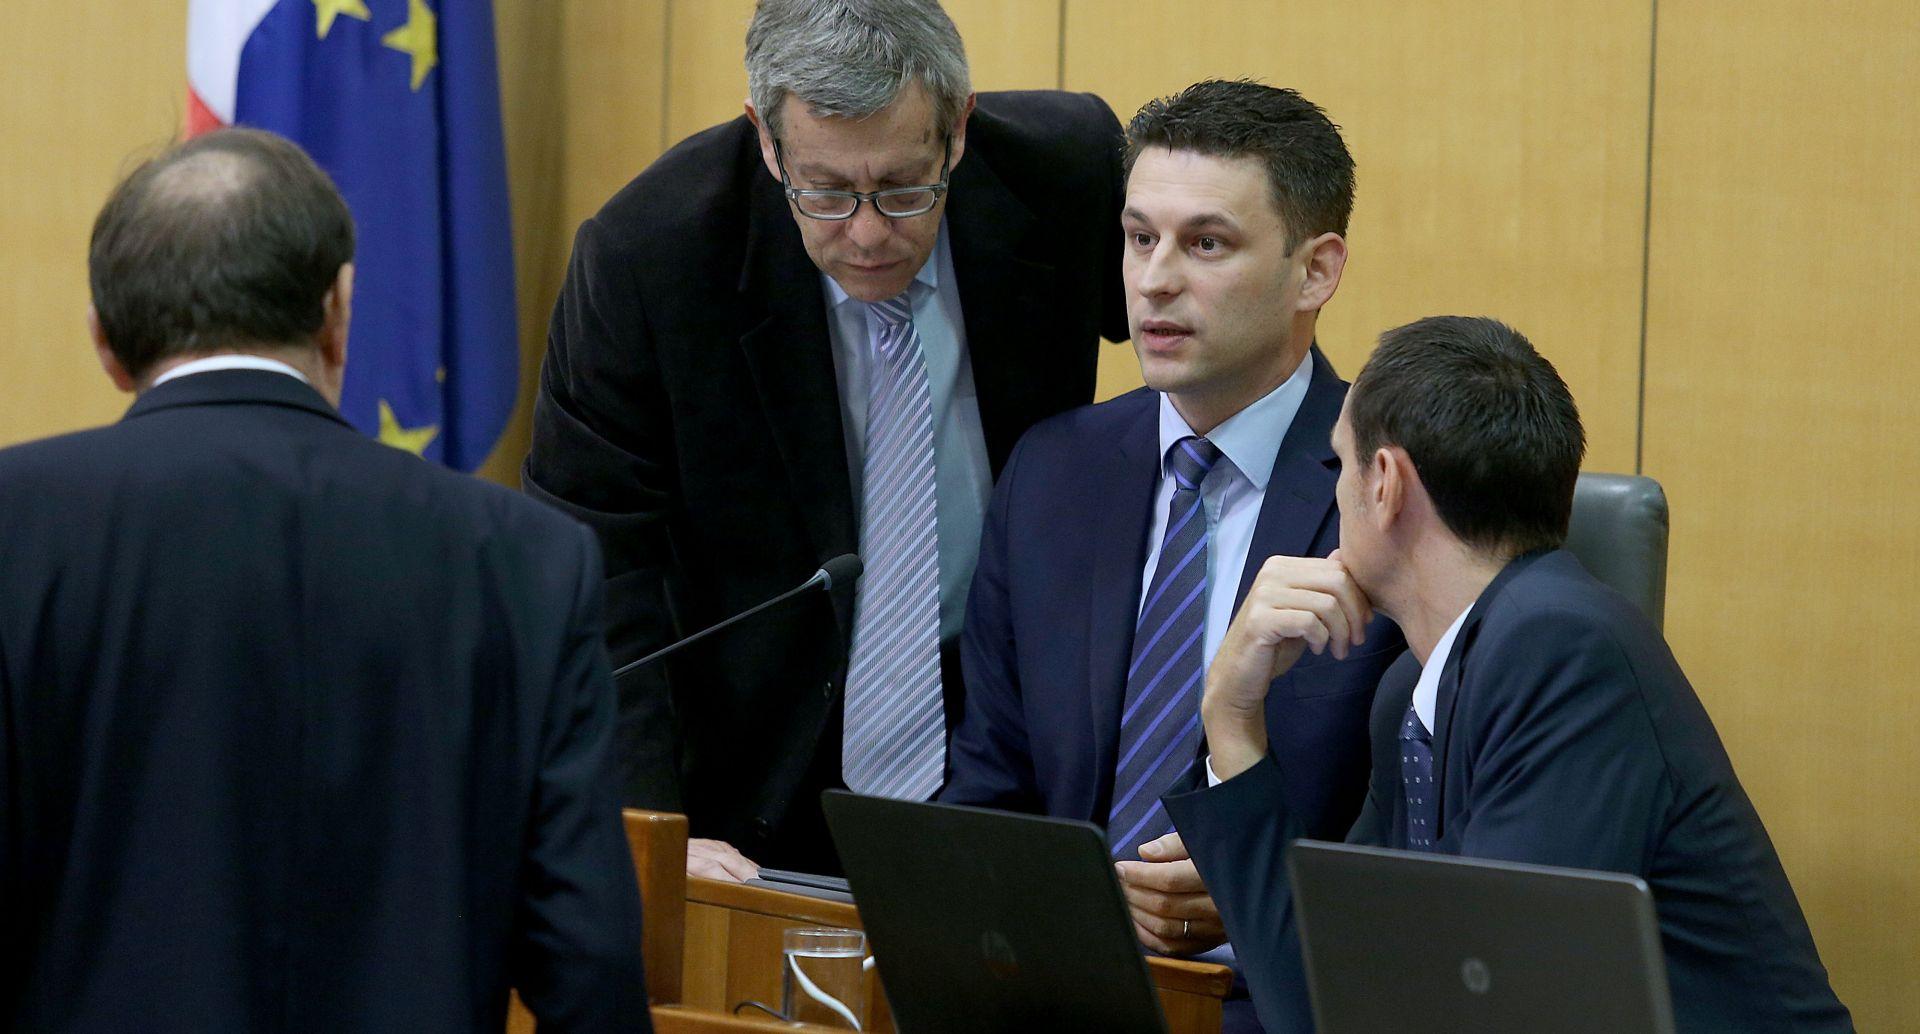 BOŽO PETROV 'Ako se HDZ ne bude držao dogovora, nemamo što raditi u Vladi'